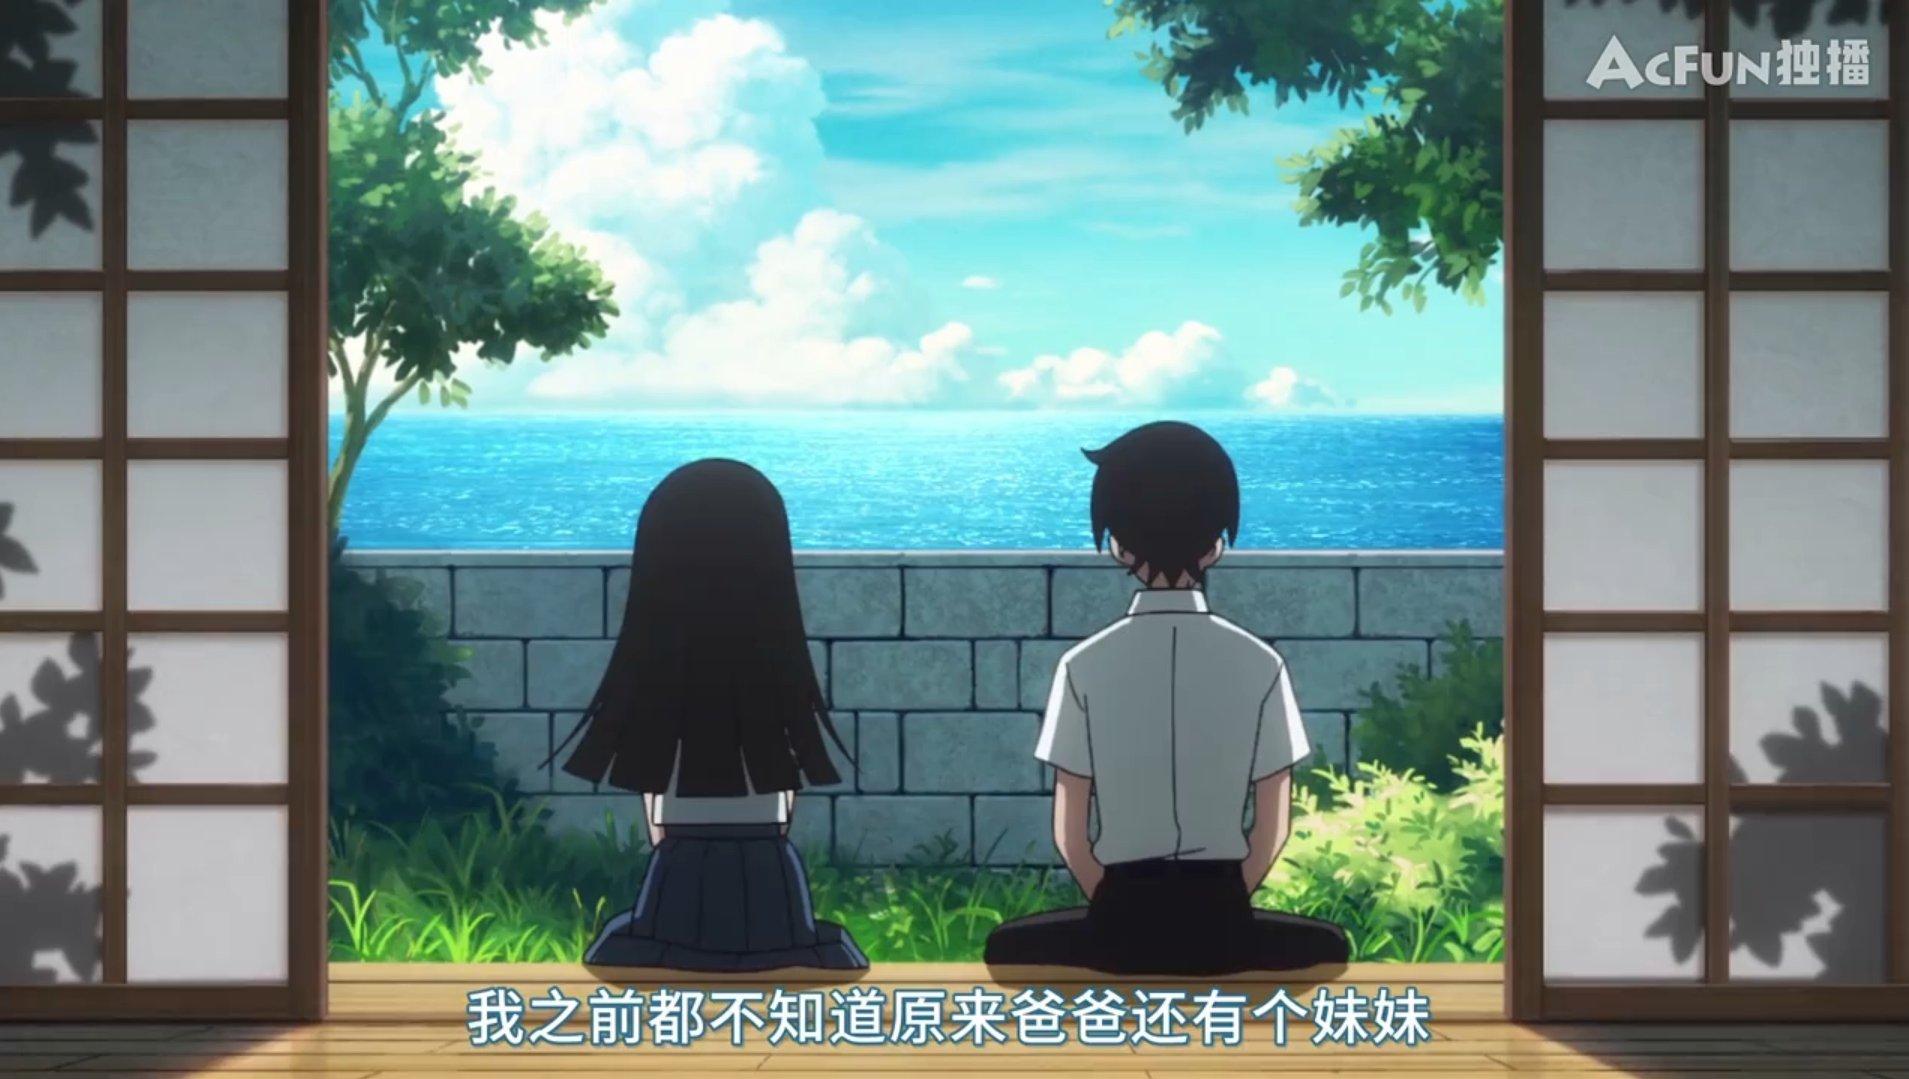 【动漫资源】隐瞒之事(1080P)-小柚妹站